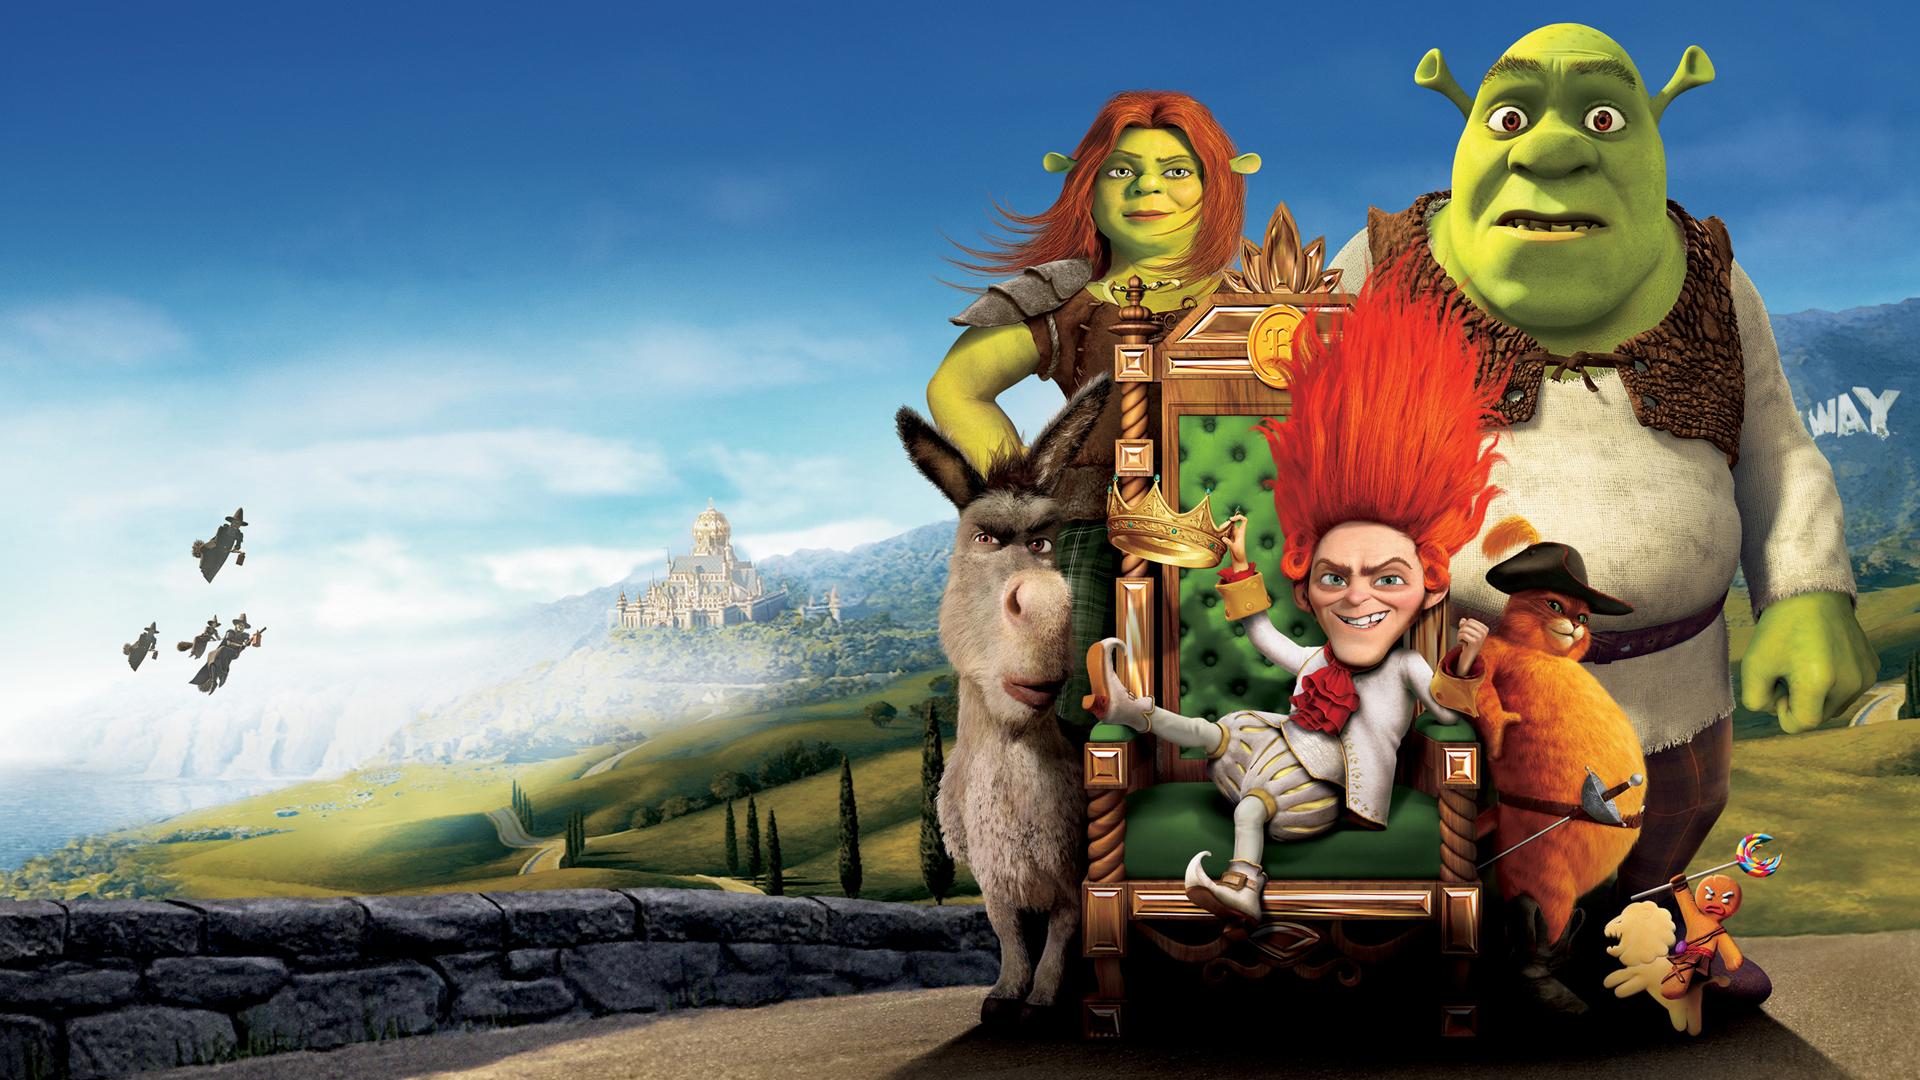 Shrek Wallpaper HD - WallpaperSafari